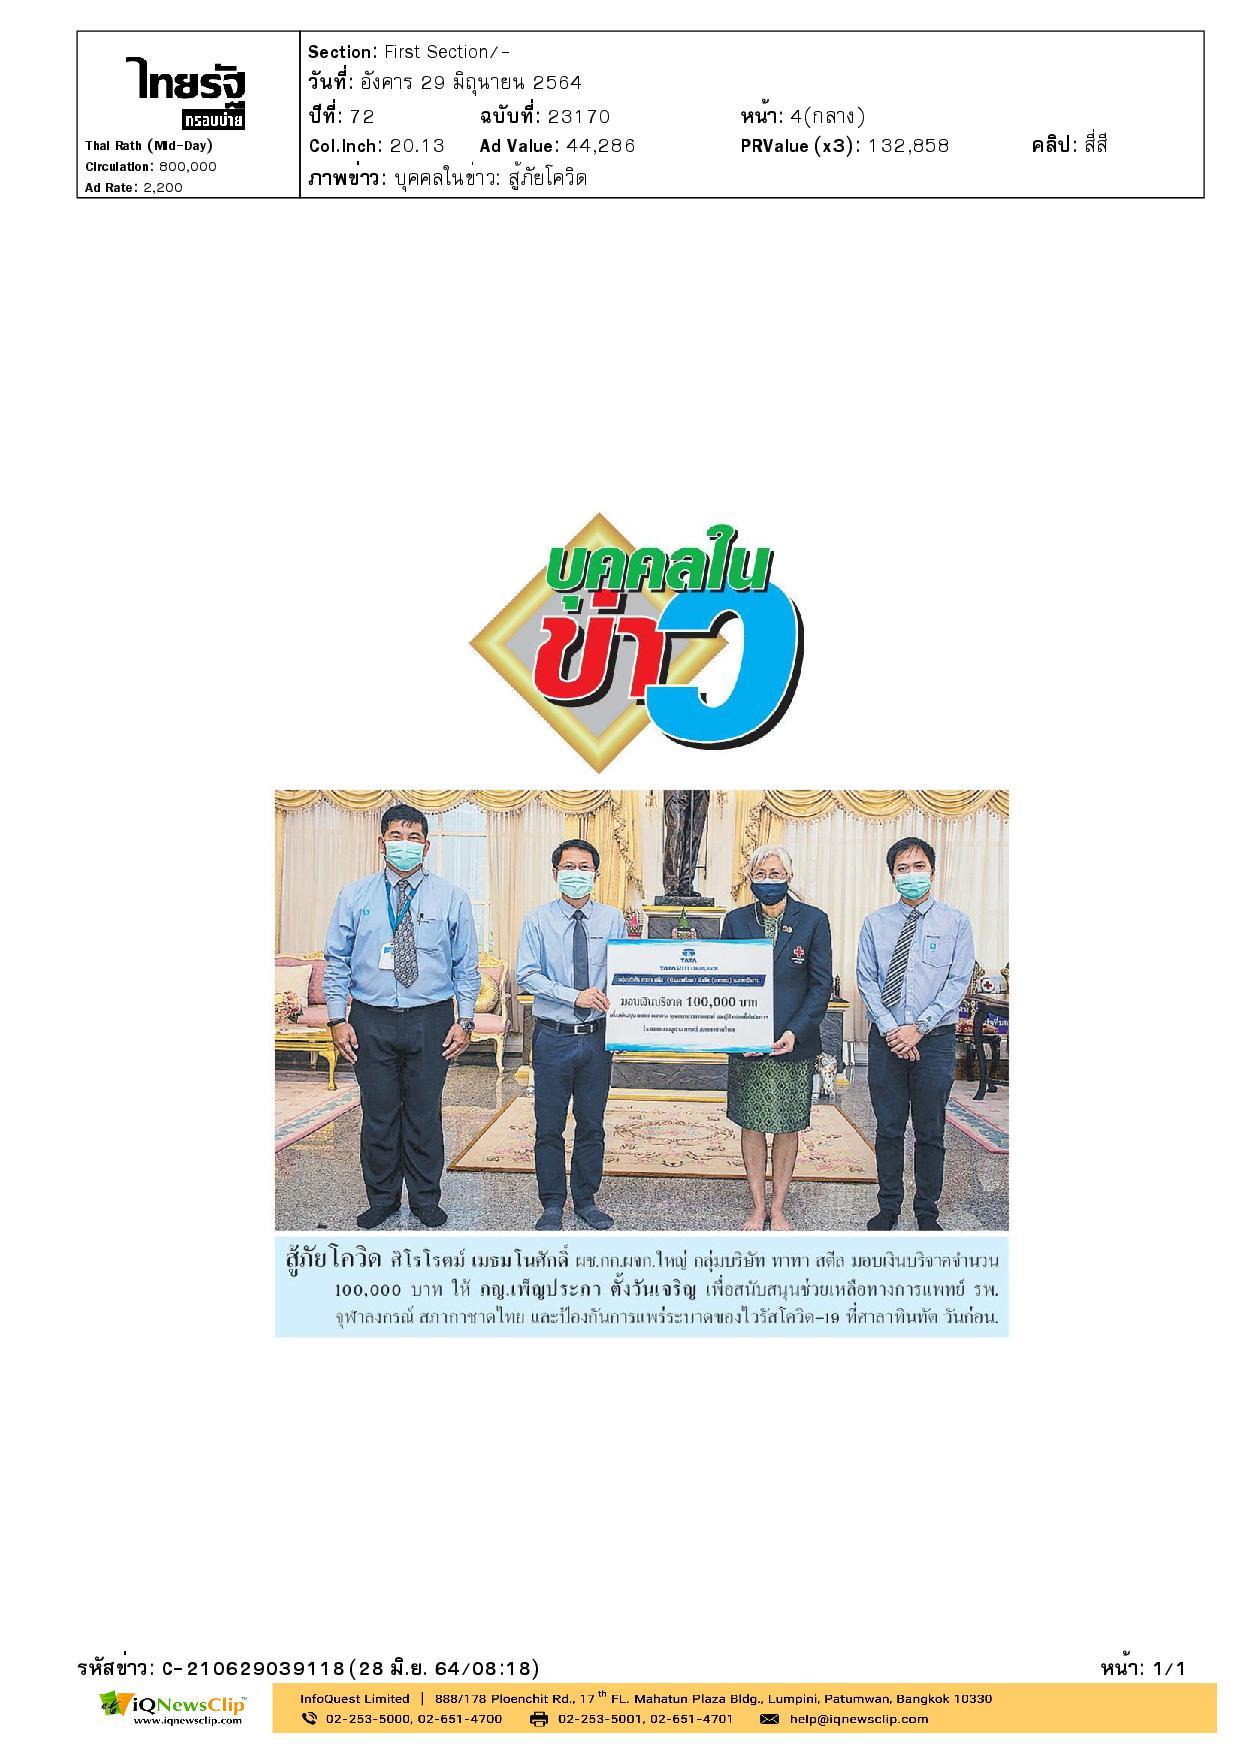 รับมอบเงินบริจาค  เพื่อสนับสนุนช่วยเหลือทางการแพทย์ รพ.จุฬาฯ